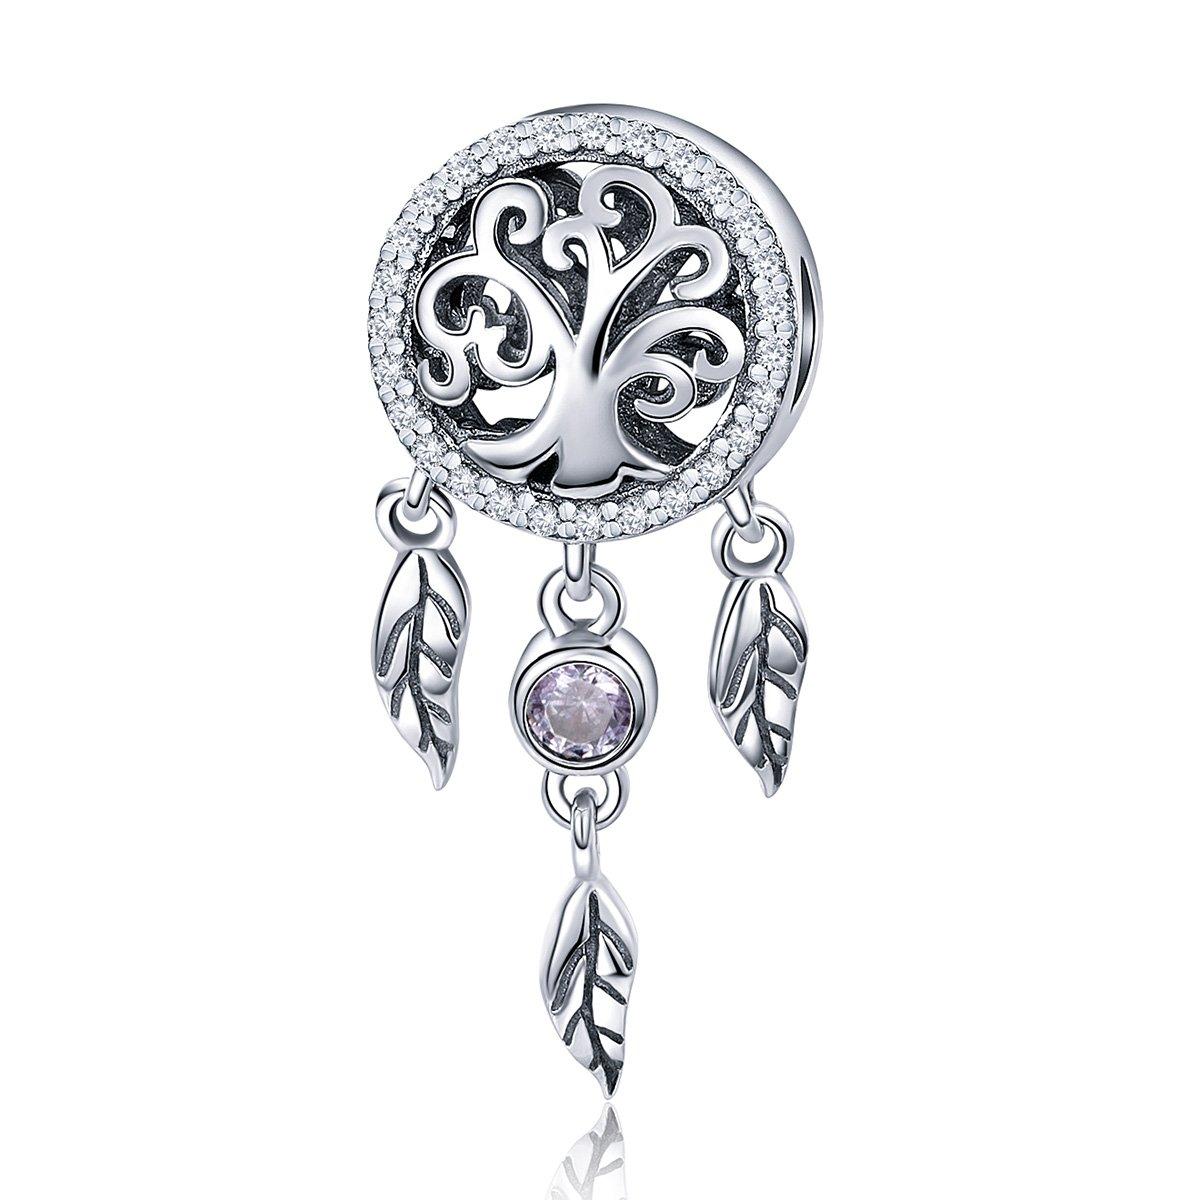 BAMOER 925 Sterling Silver Beautiful Drop Net Charms Pendants Women Teen Girls Bracelet Necklace Gift